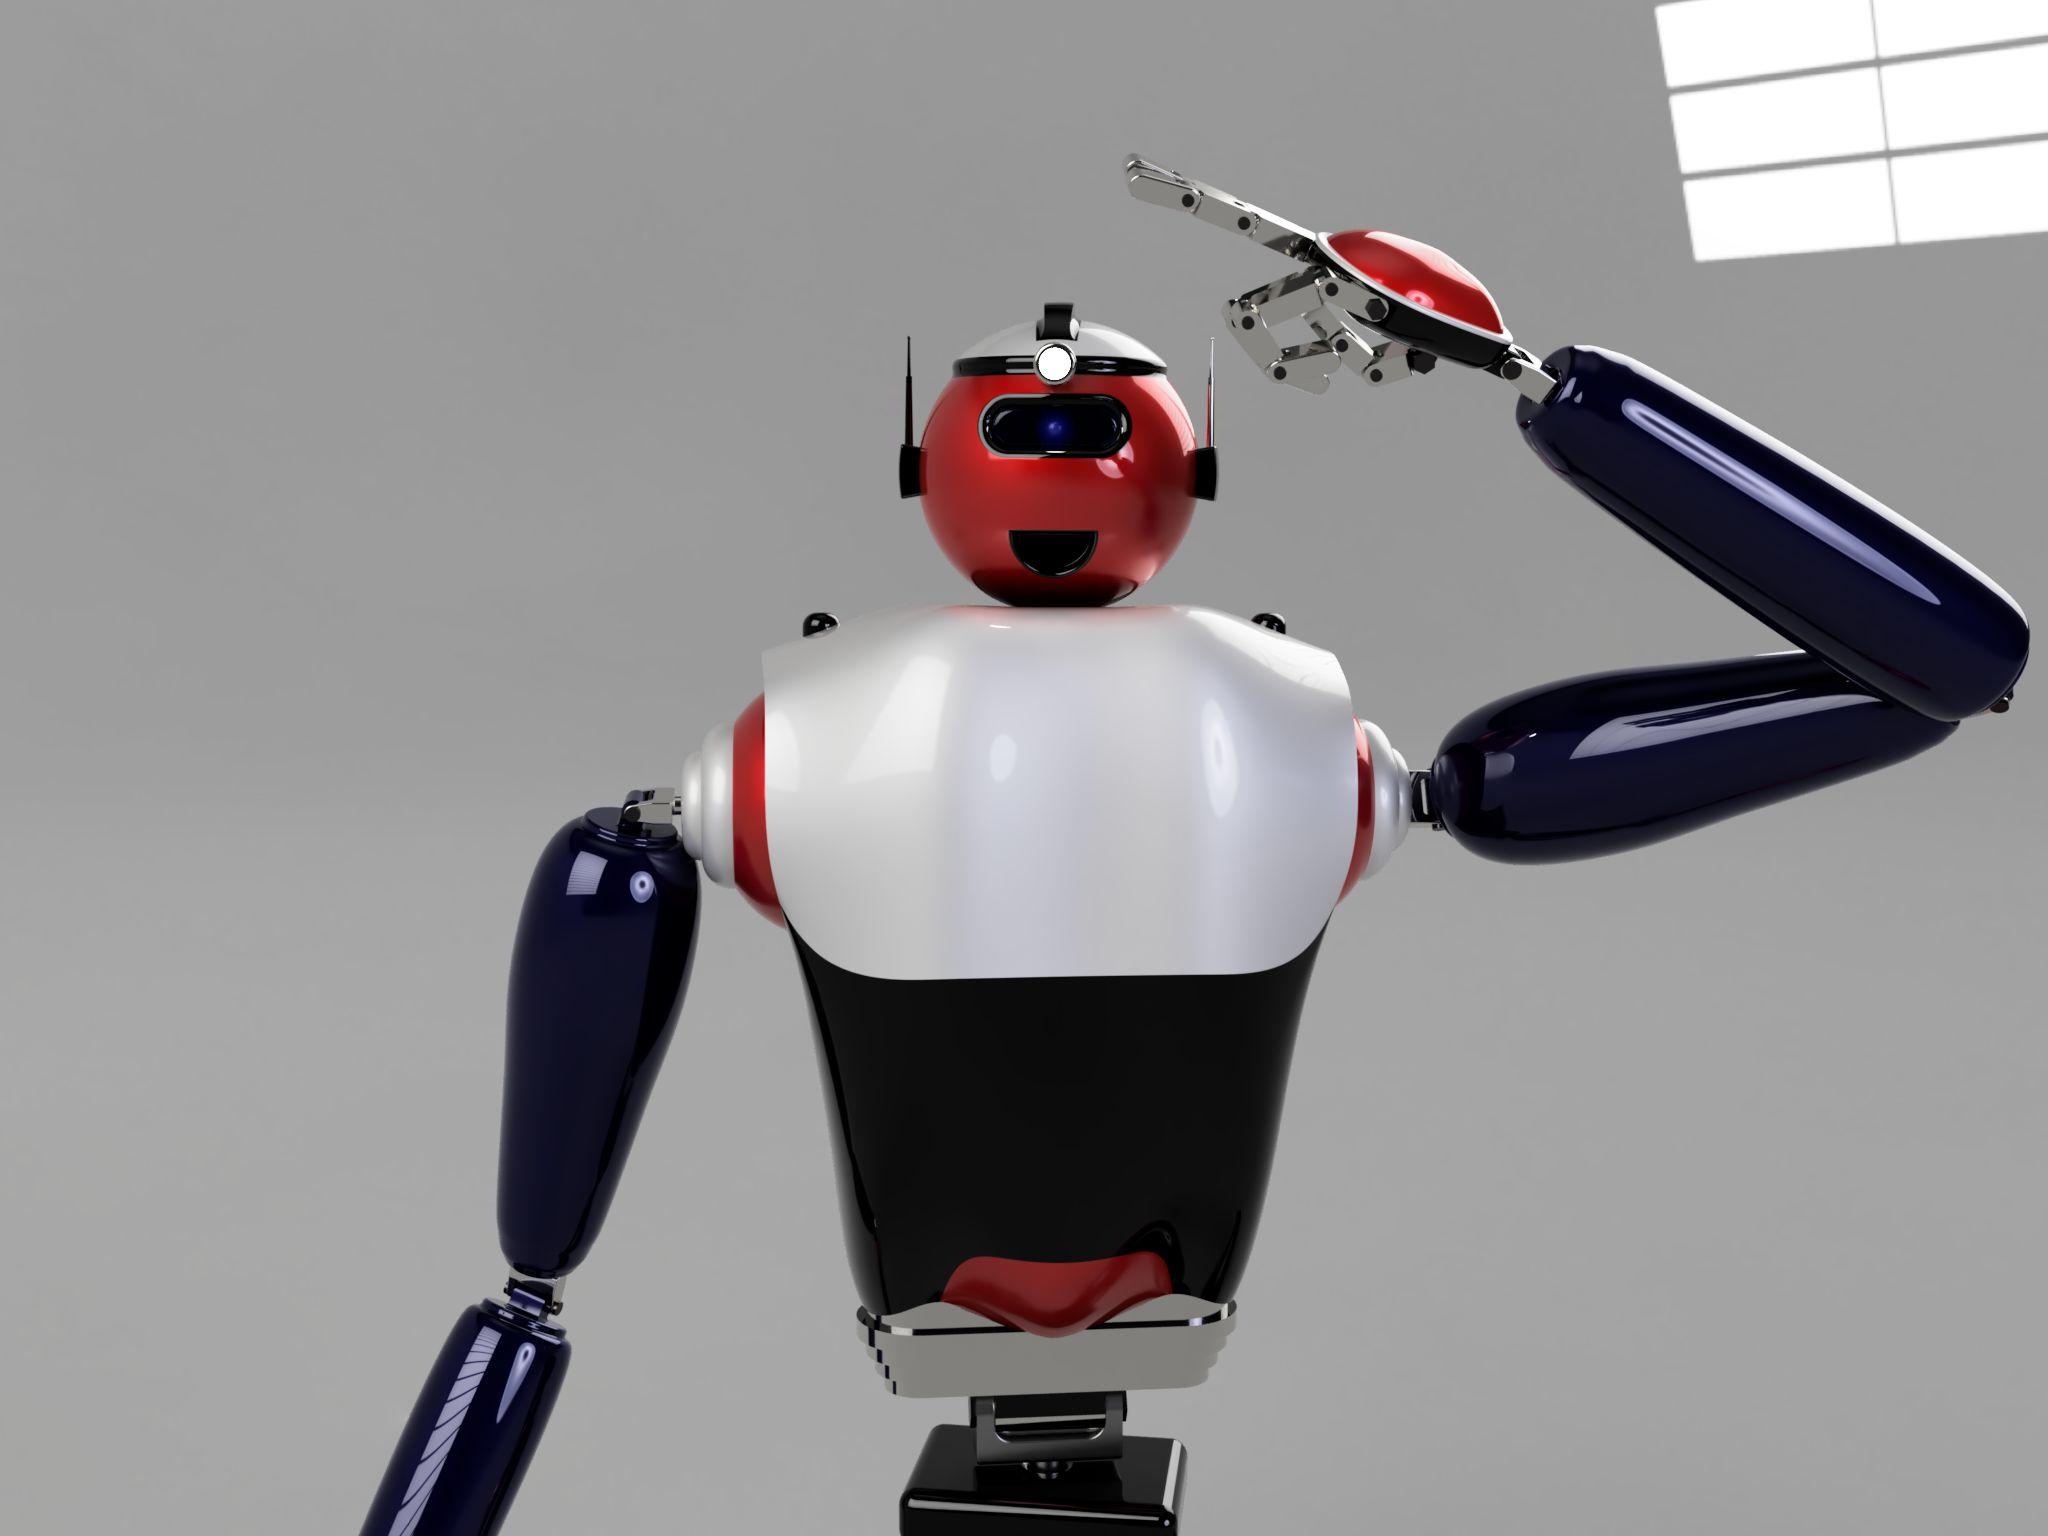 Actividades-robot-2019-oct-28-05-50-10am-000-customizedview272290943-png-3500-3500